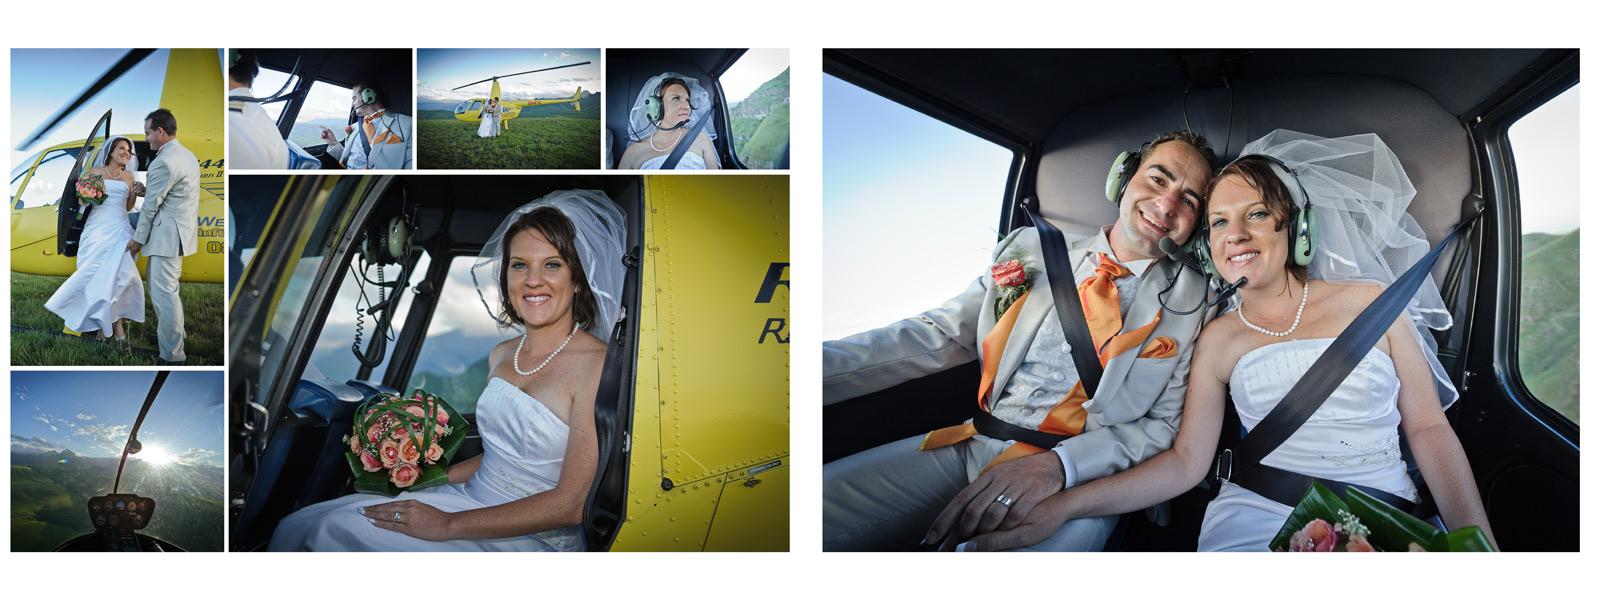 Nathalie Boucry Photography | Charlene and Craig Wedding Album 025